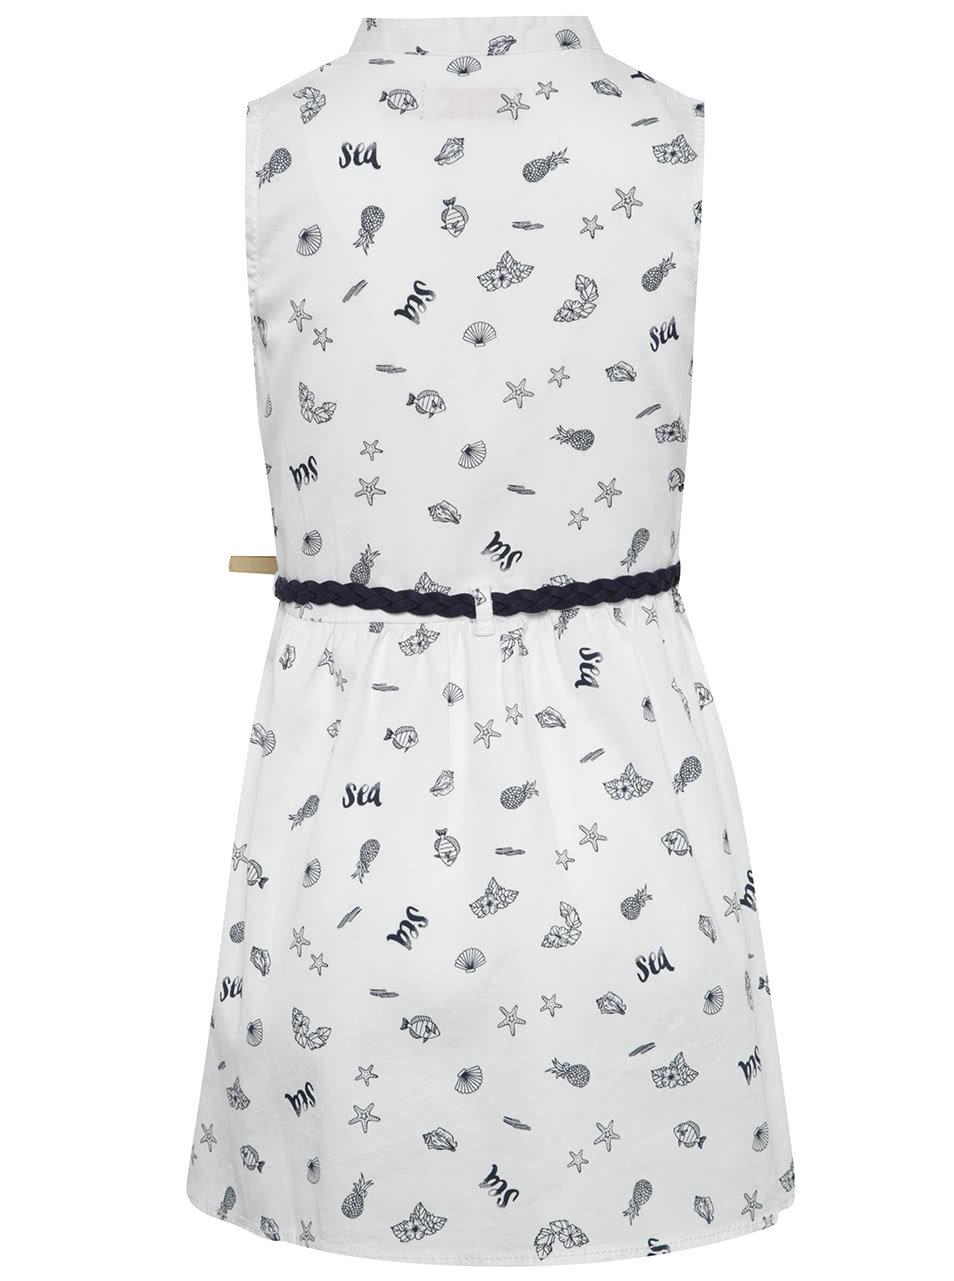 50e13fc6772c Biele vzorované dievčenské šaty s opaskom Bóboli ...